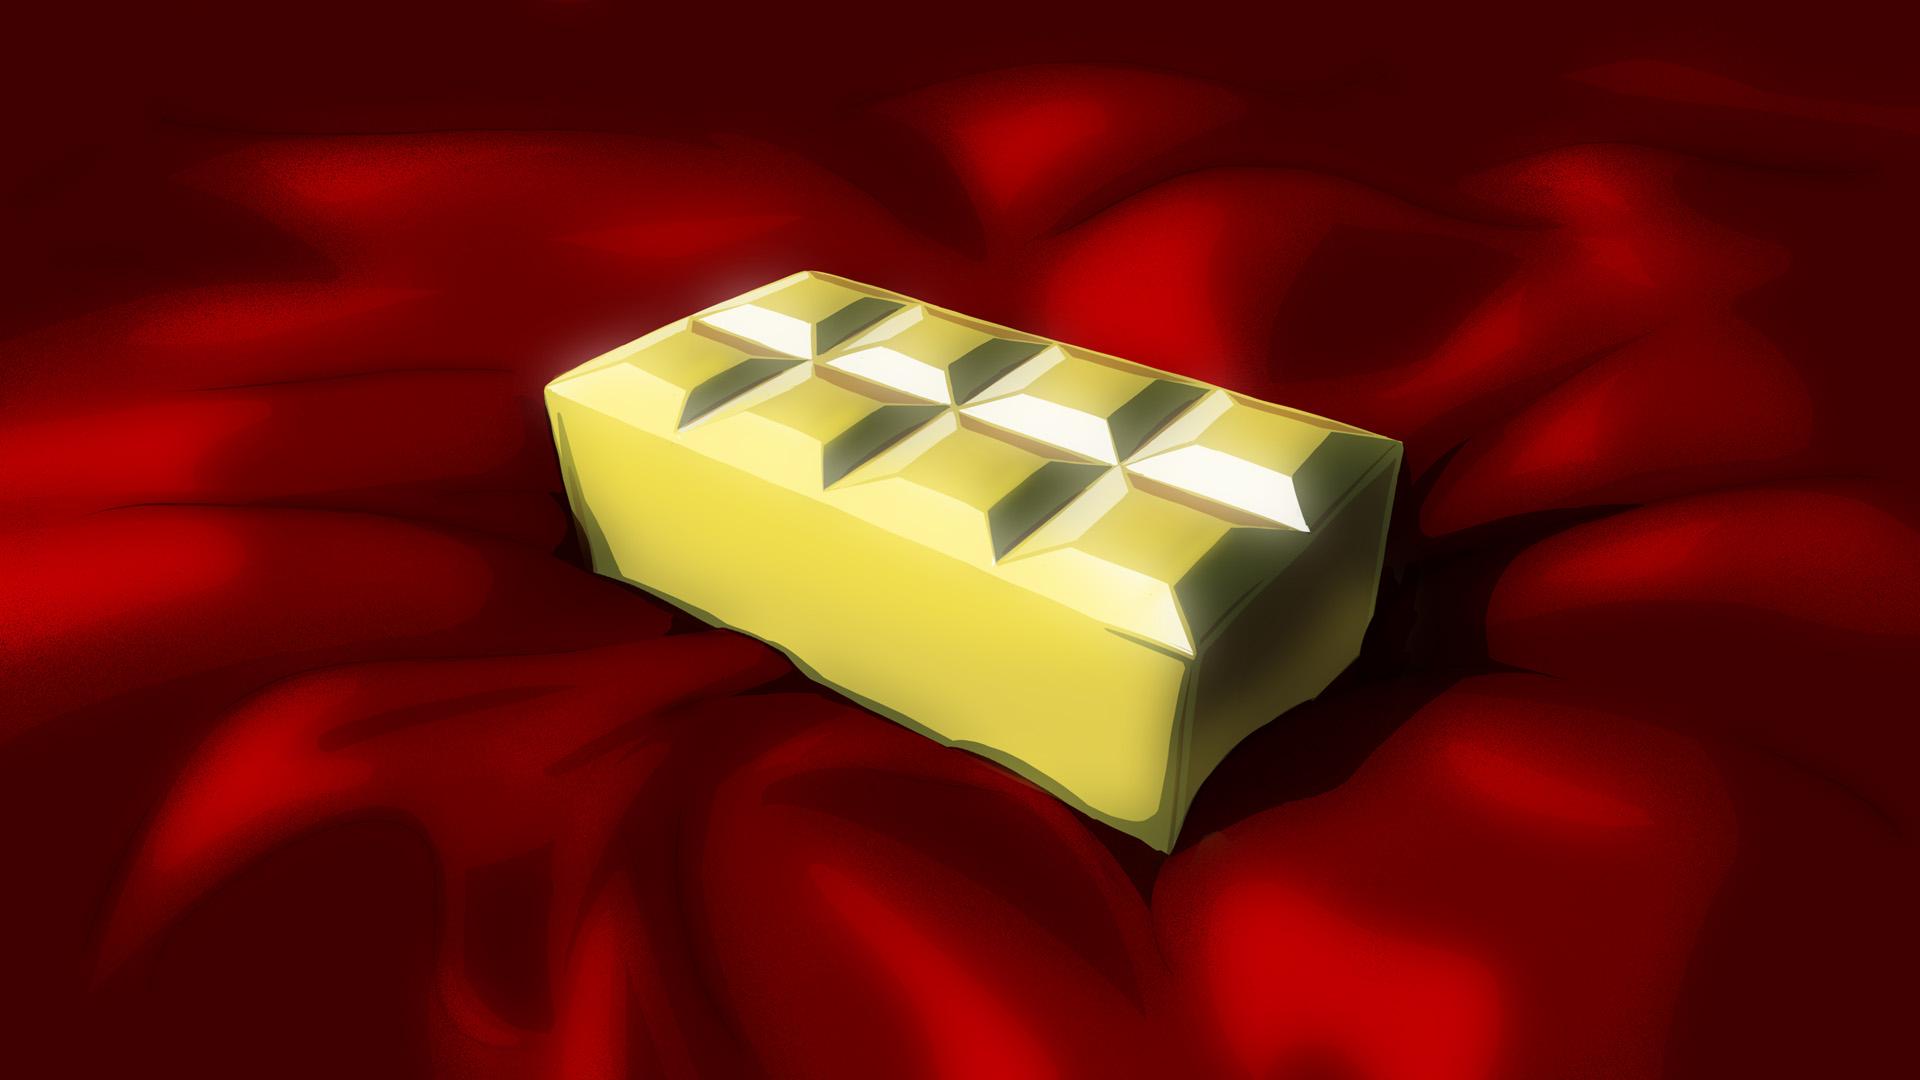 Blockland doors card 3 of 5artwork the golden brick - Steamcardexchange net ...